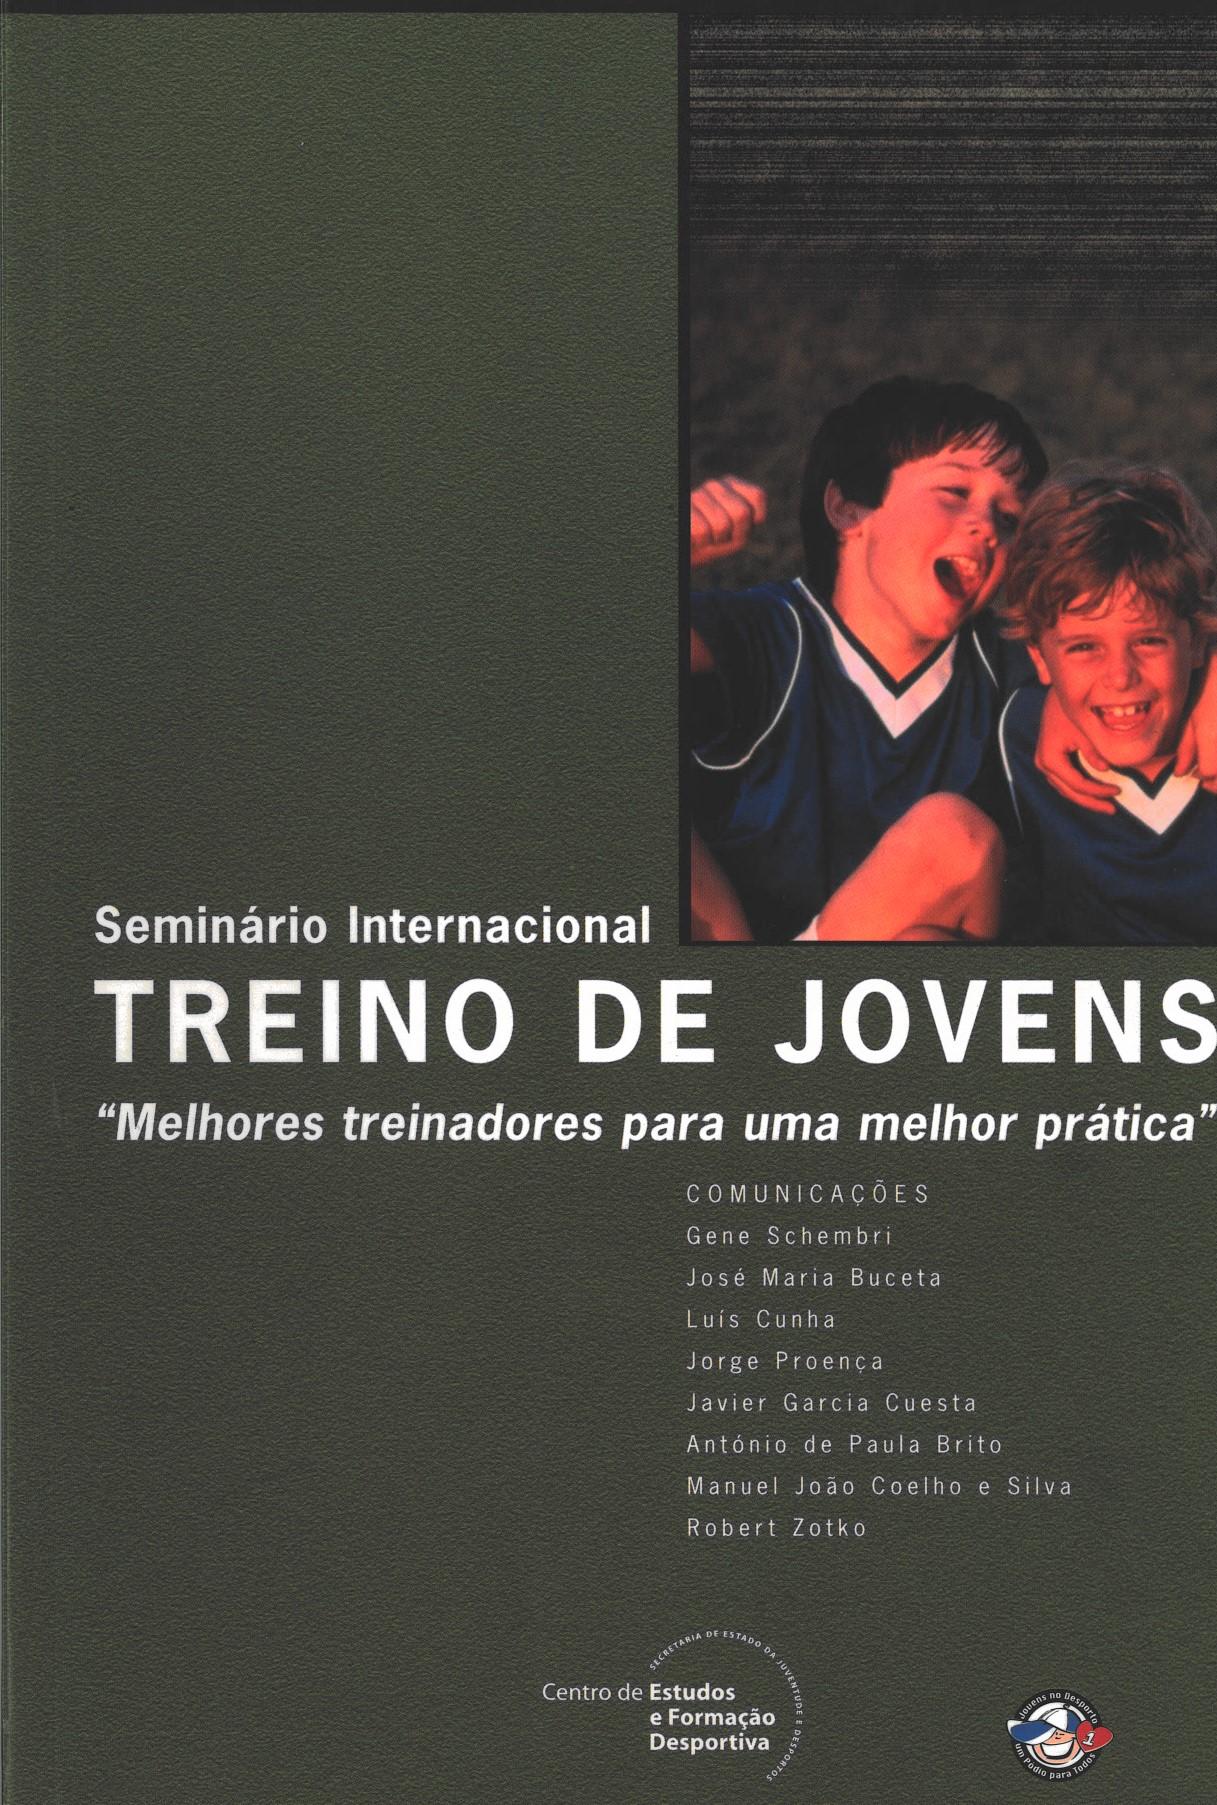 """Seminário Internacional - Treino de jovens """"Melhores treinadores para uma melhor prática"""" (Lisboa, Novembro, 2001)"""